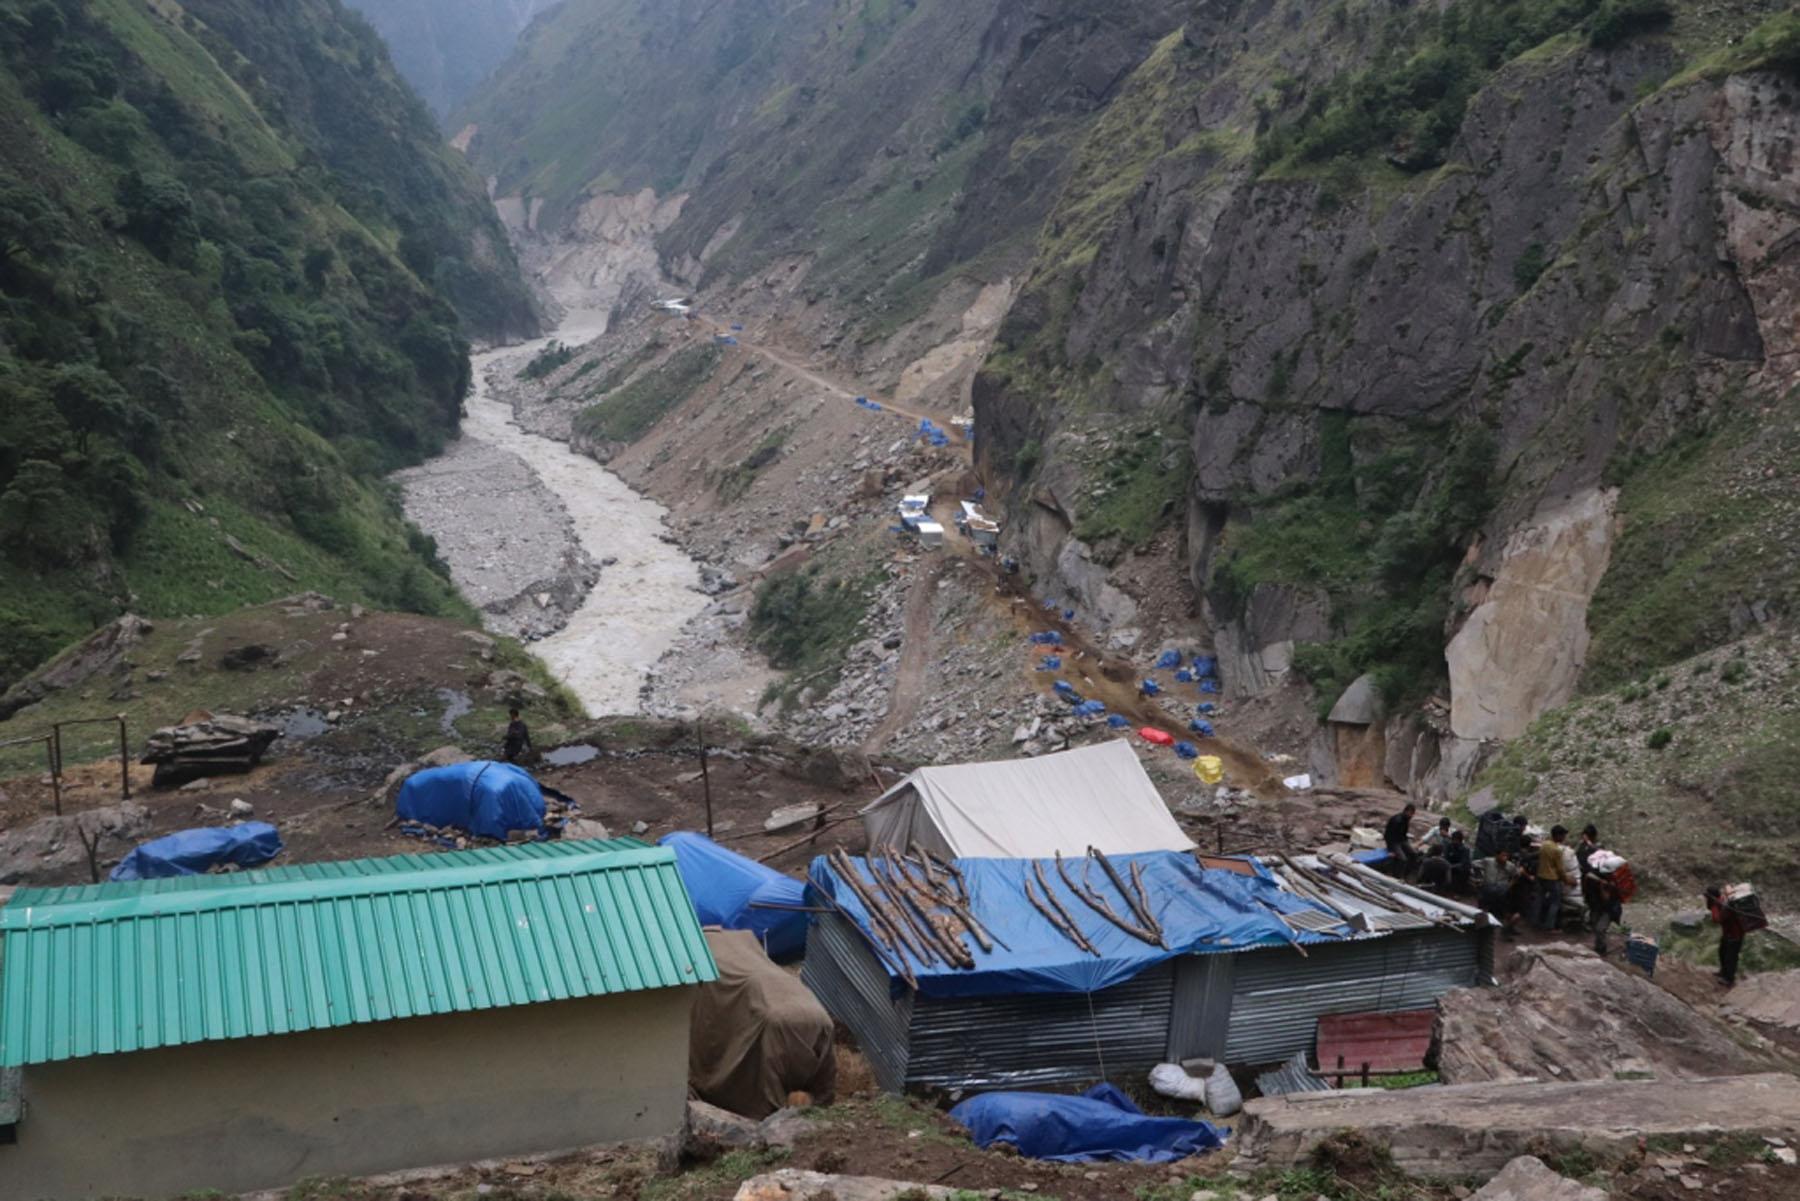 भारतले महाकाली थुनेरै मानसरोवर जाने सडक निर्माण गर्दा नेपालतिरको बाटोमा क्षति